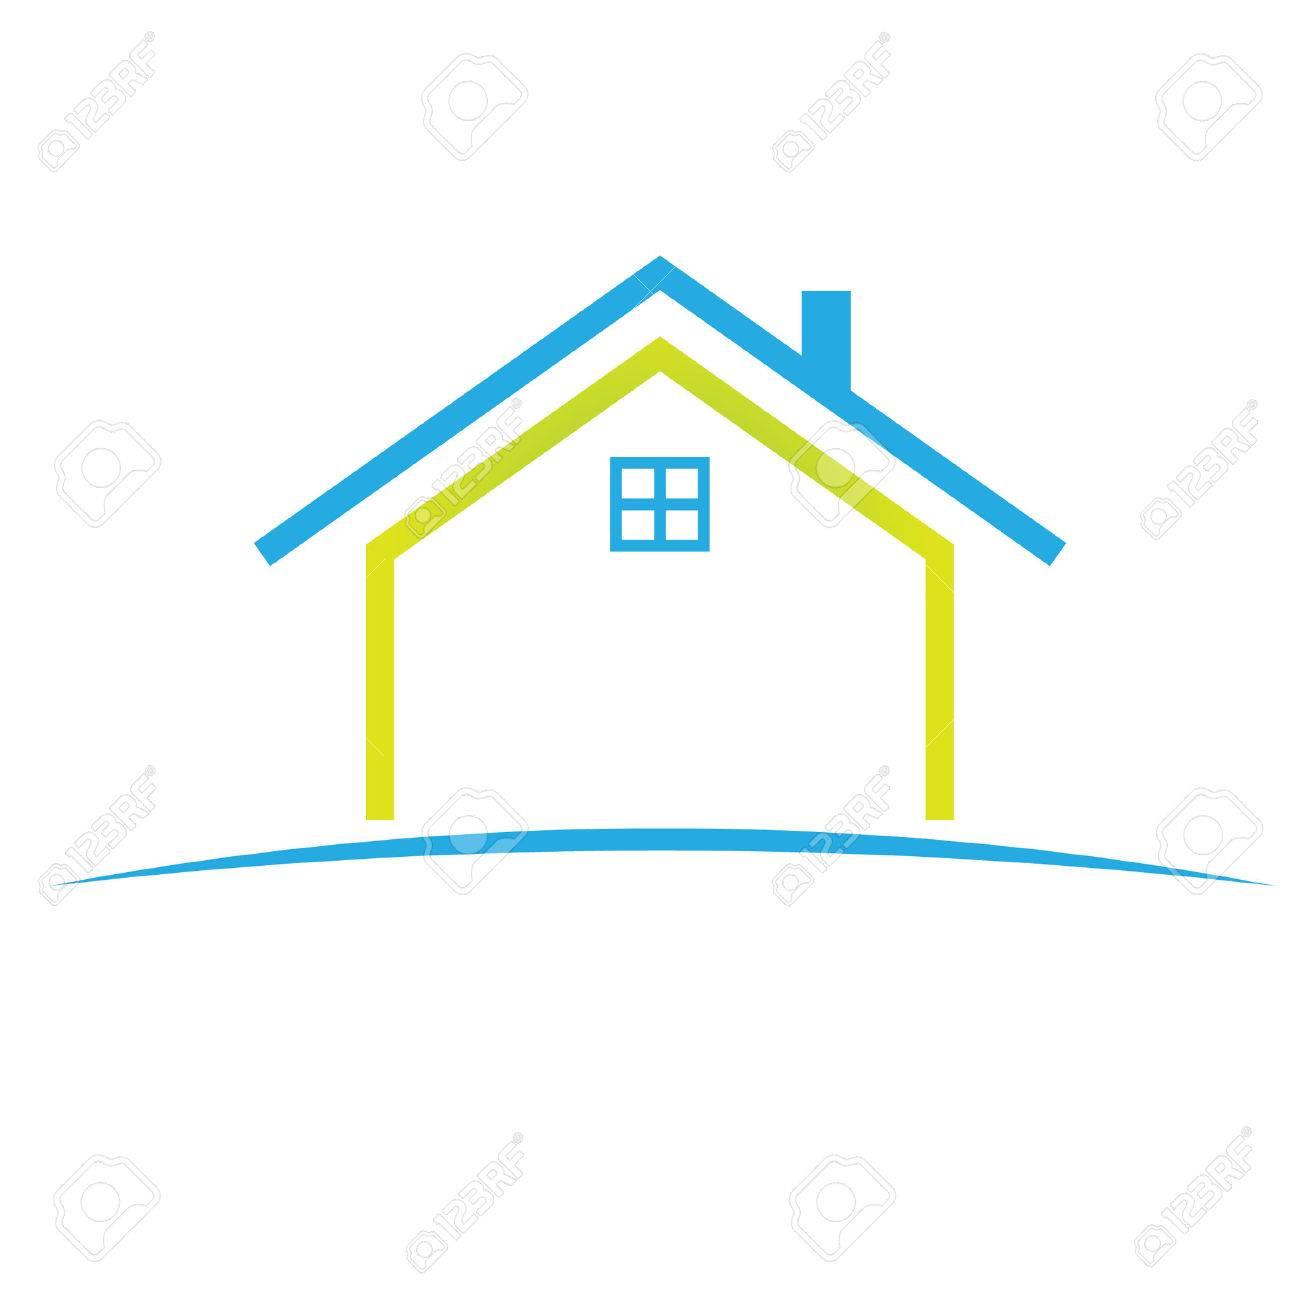 House icon Stock Vector - 8609719